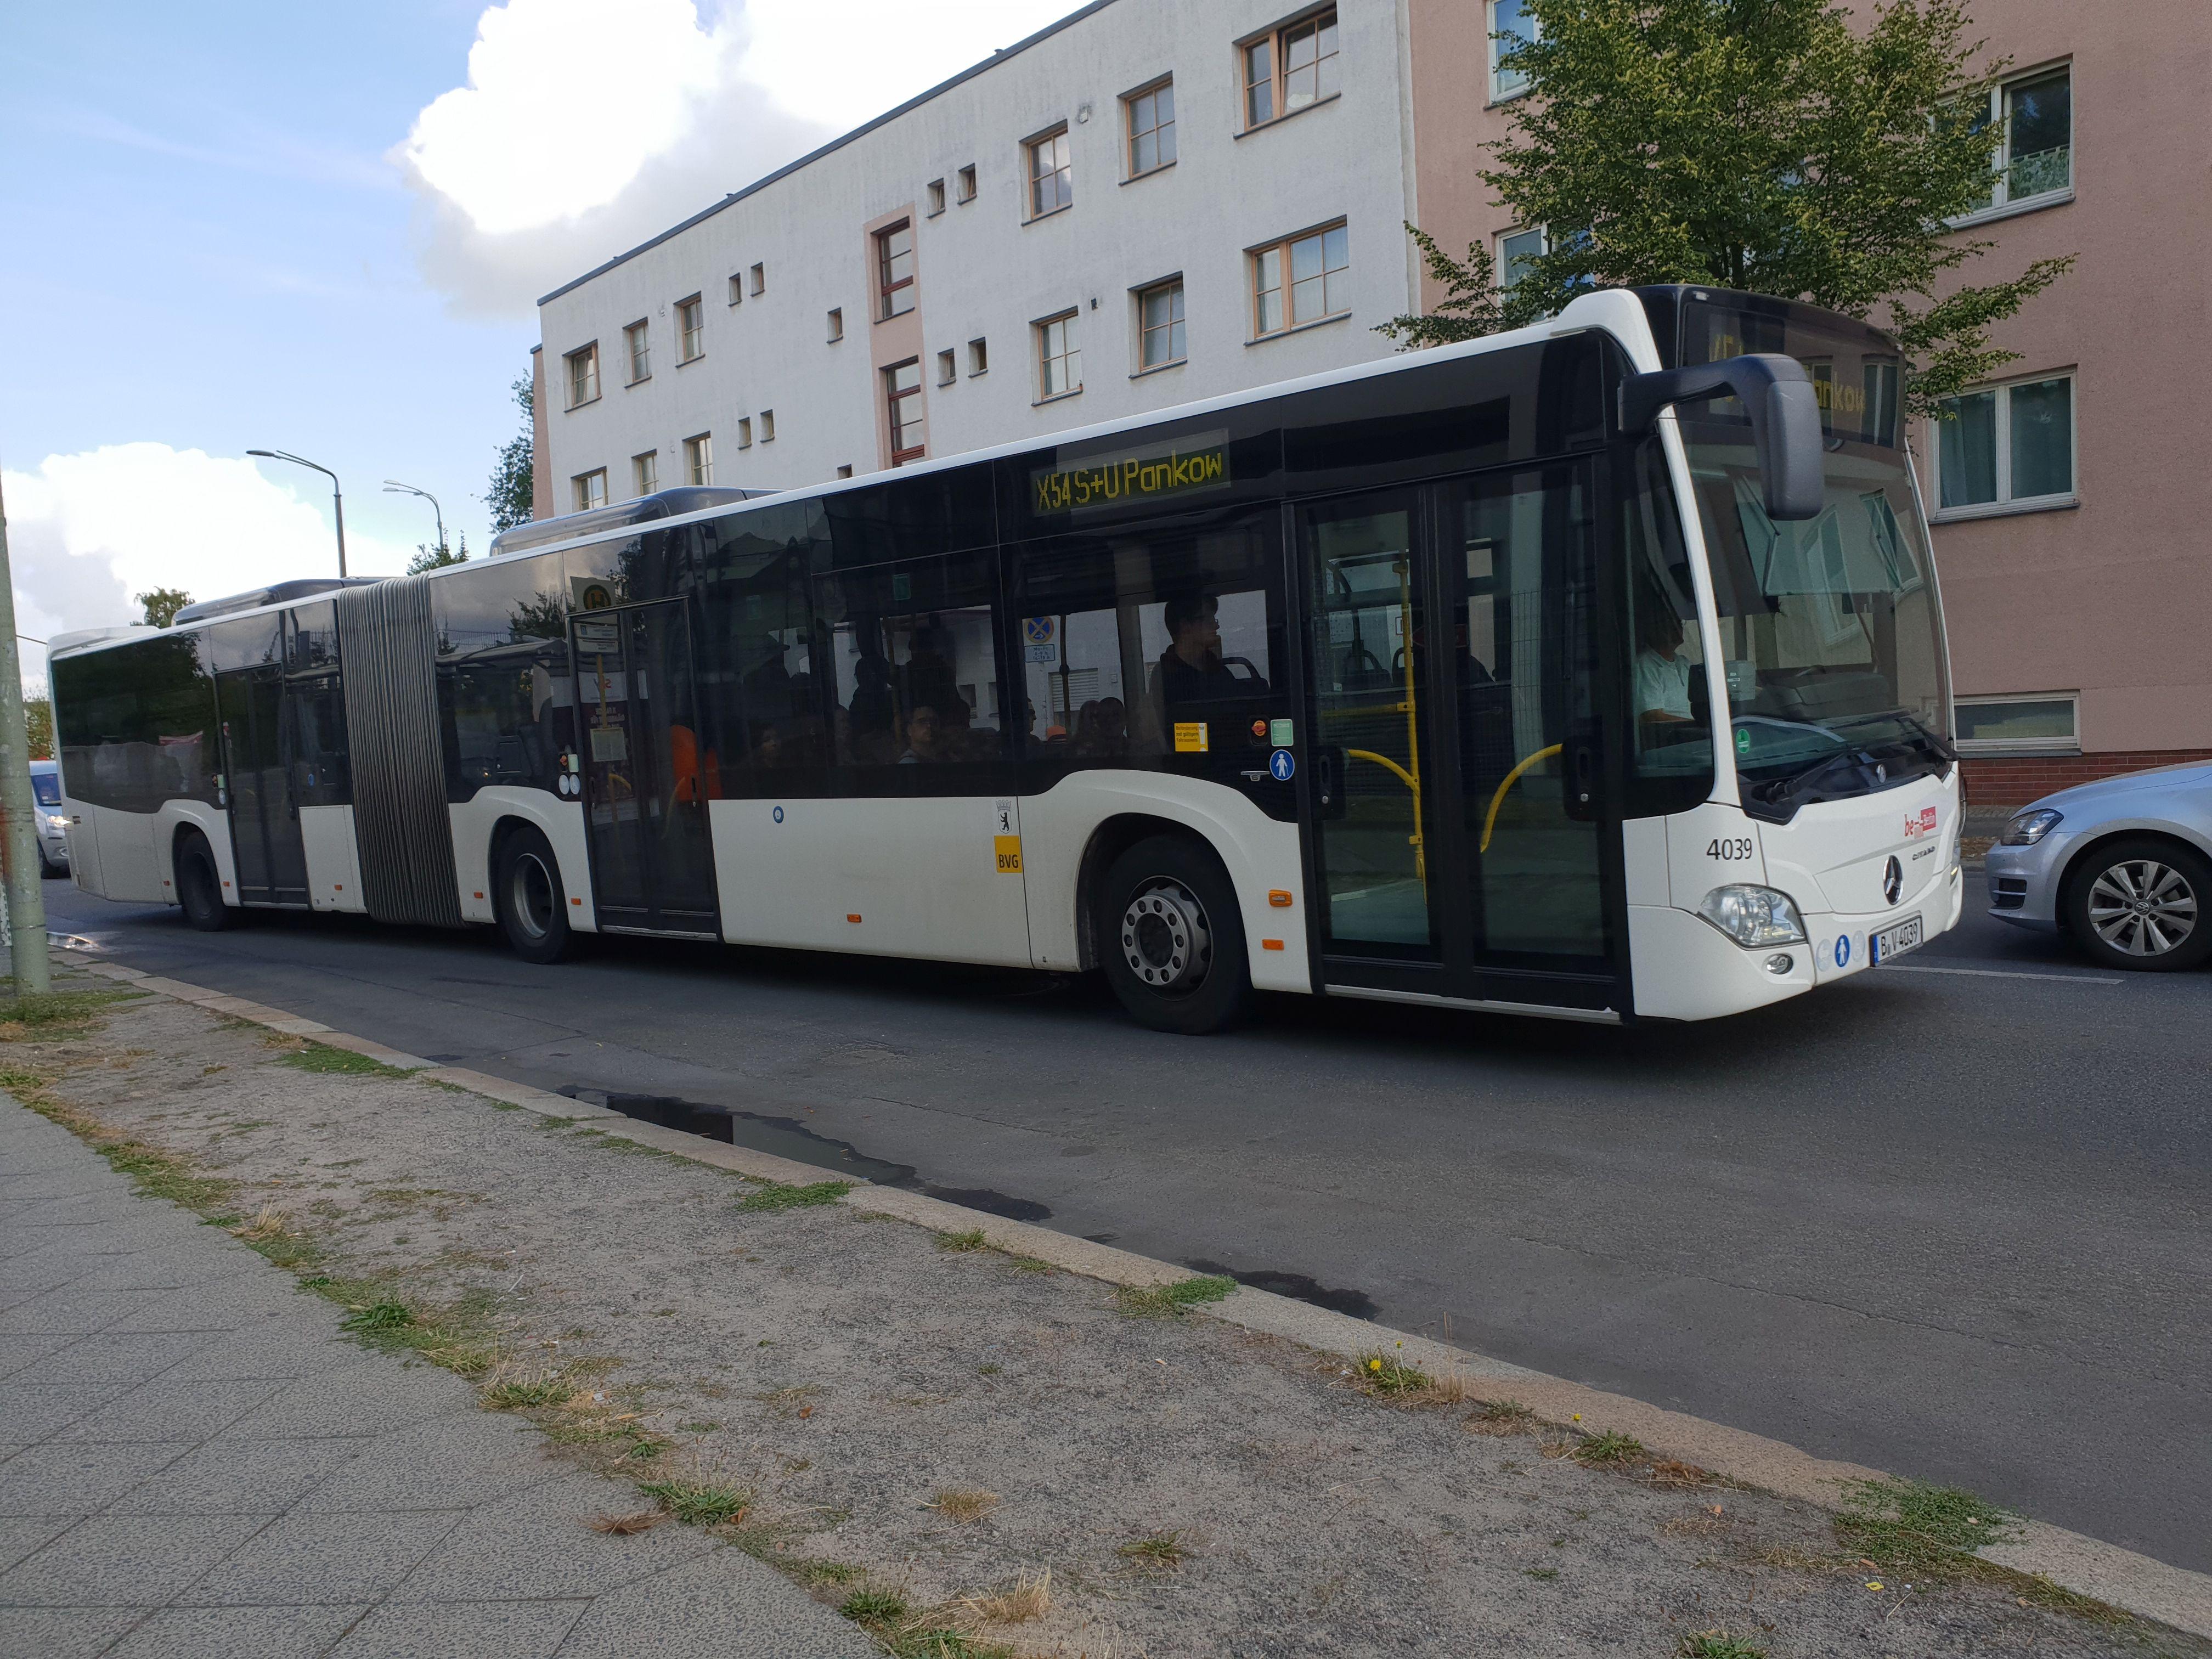 Bus 4039, Typ Citaro GN C2, Berlin-Pankow, August 2018